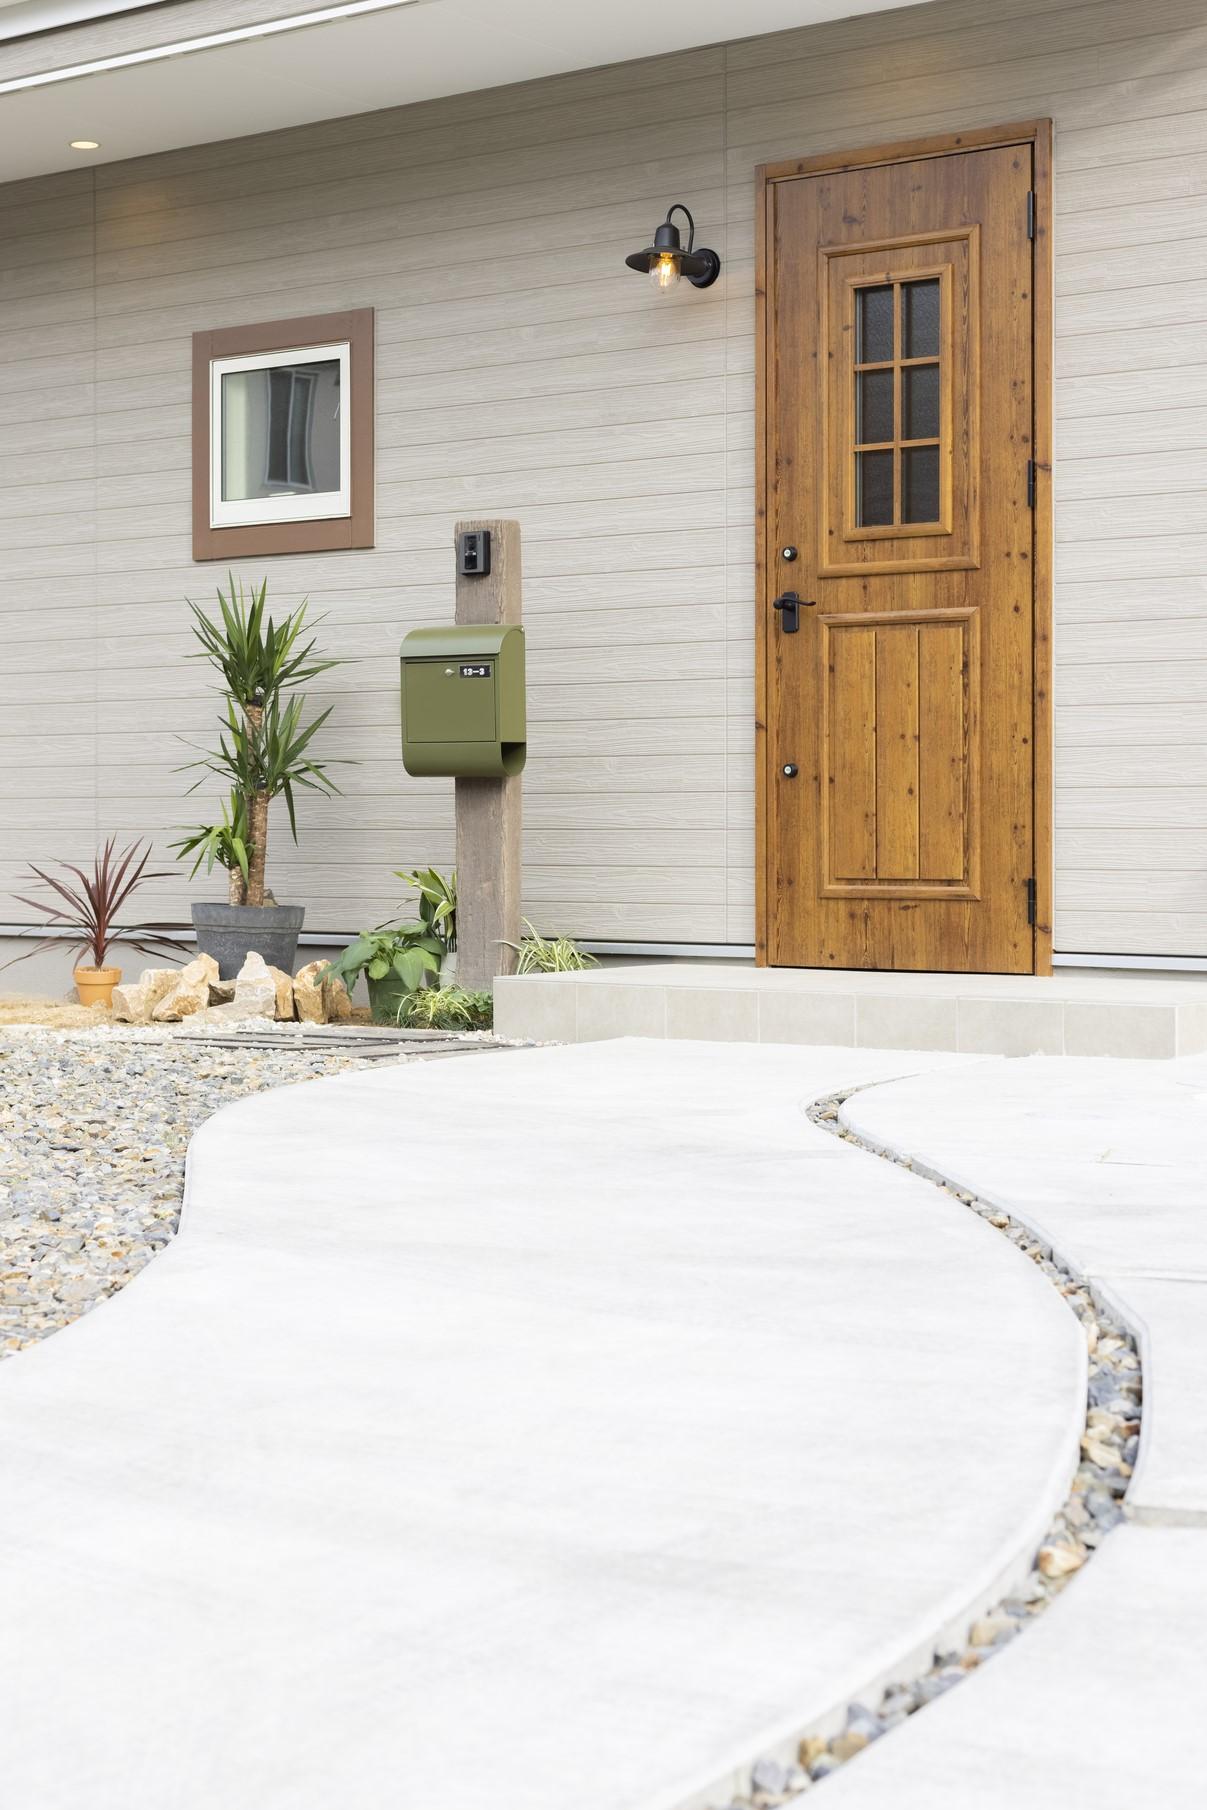 玄関アプローチは落ち着いた家を想像させる優雅なデザイン